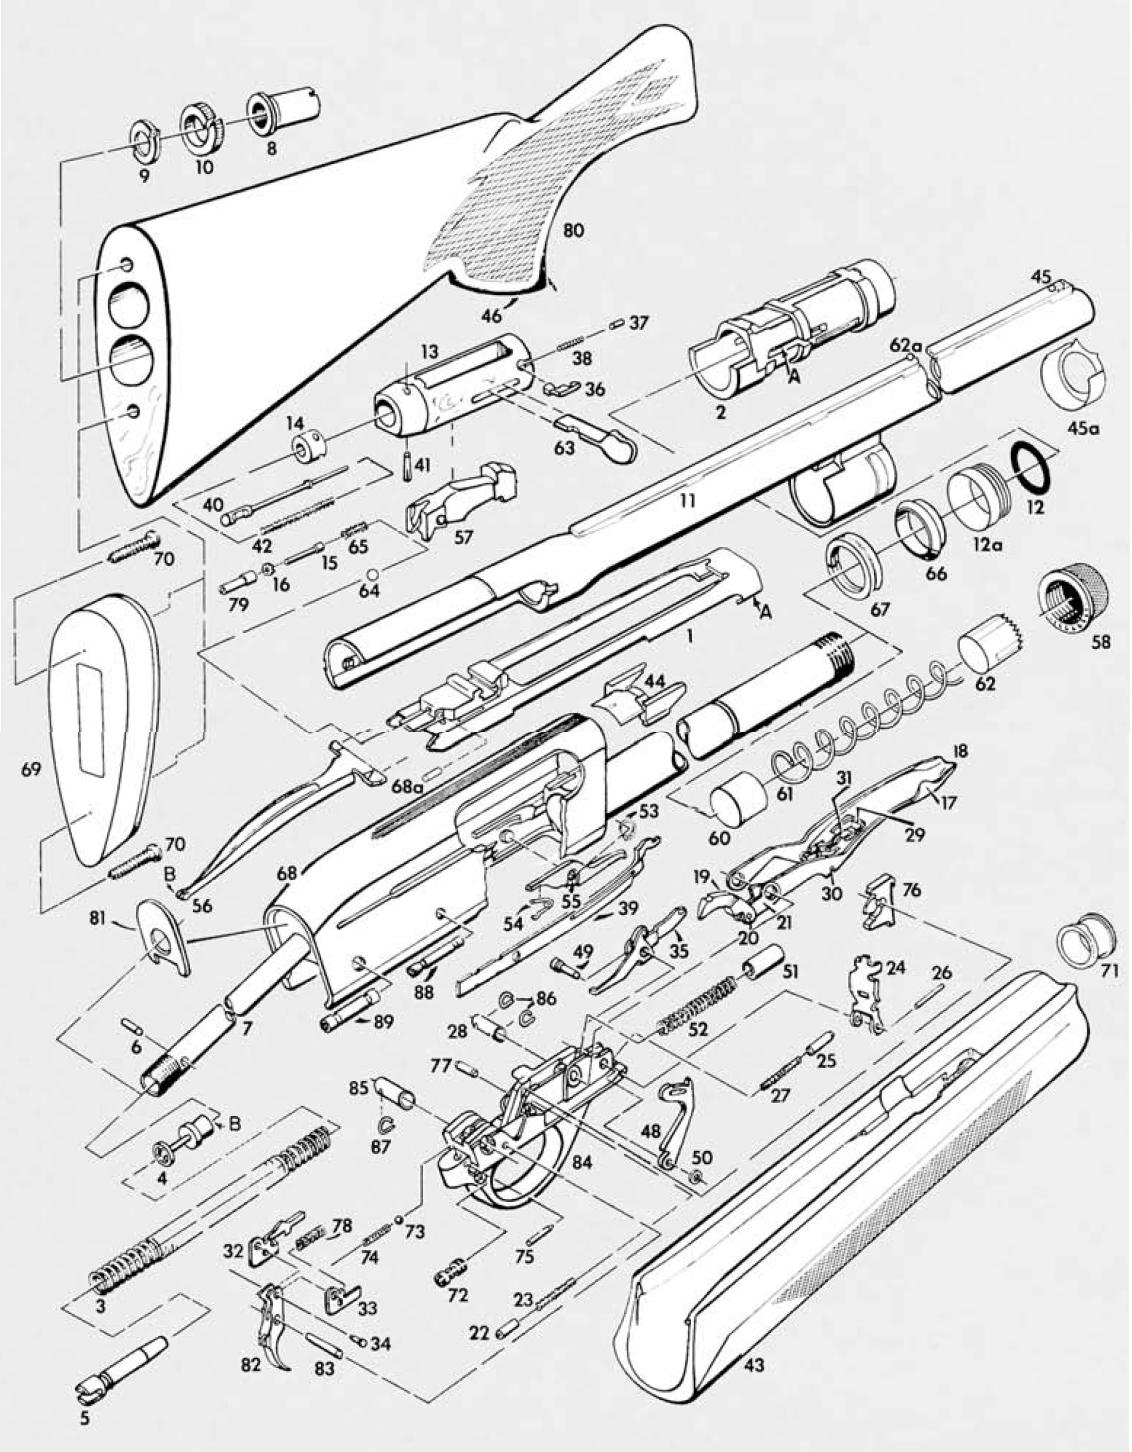 Model 1100 exploded view | Remington model 1100 | Pinterest